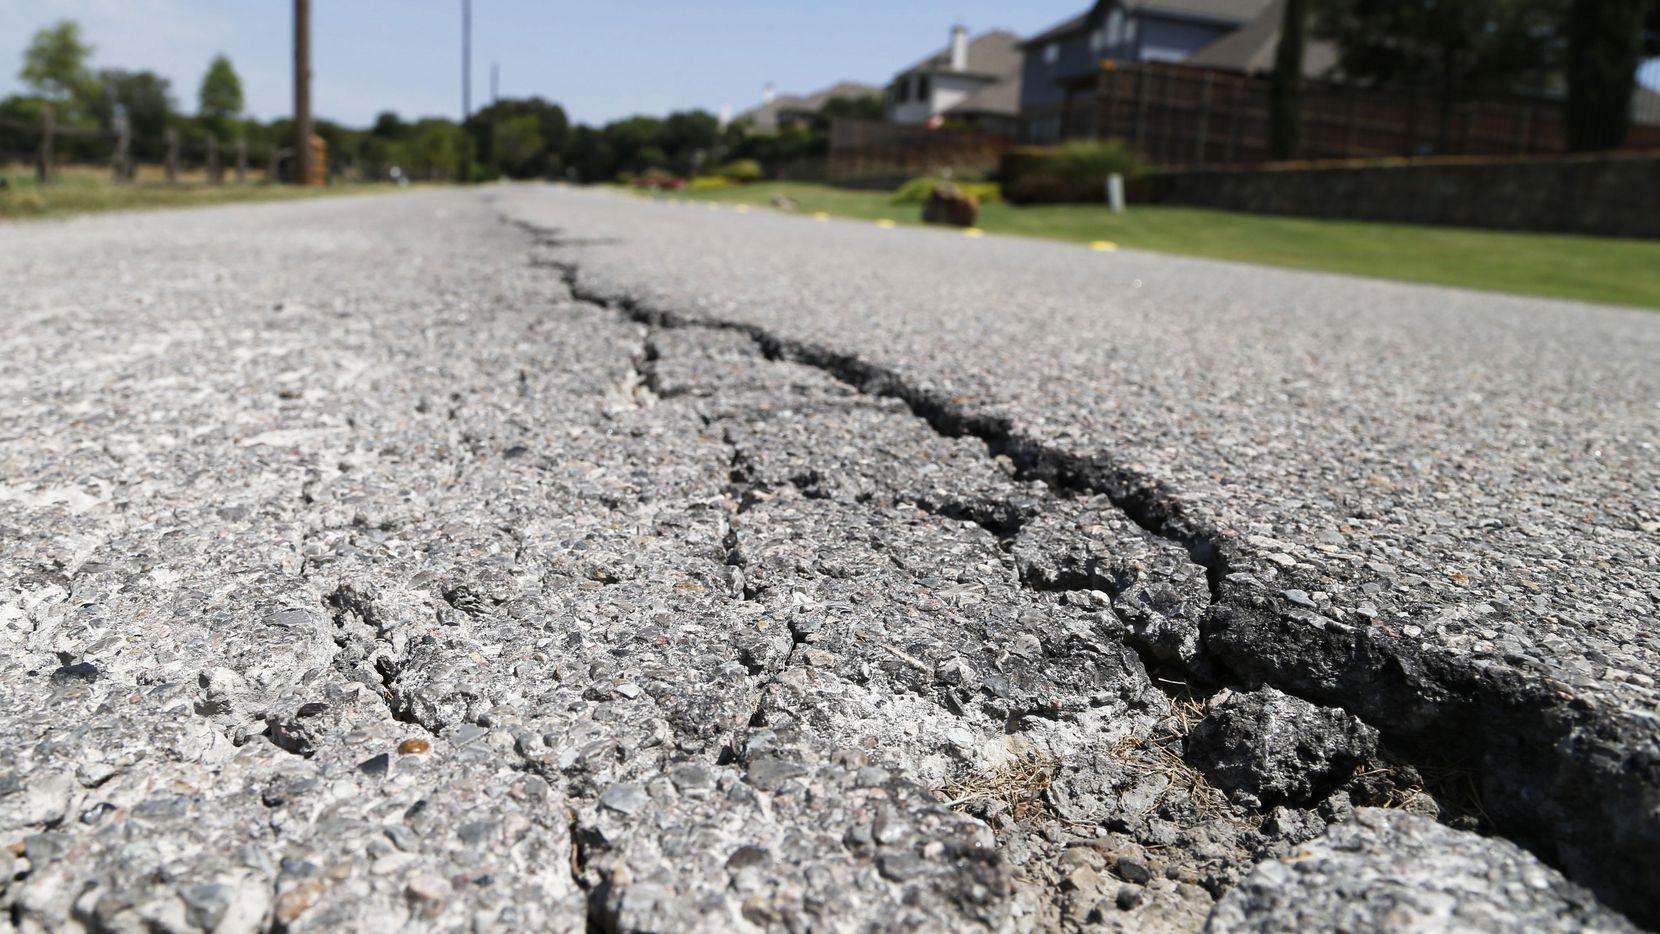 La ciudad necesita la aprobació de los votantes para un paquete de bonos de deuda que permitirán el financiamiento de reparaciones de calles y señalización de tránsito. (DMN/ARCHIVO)